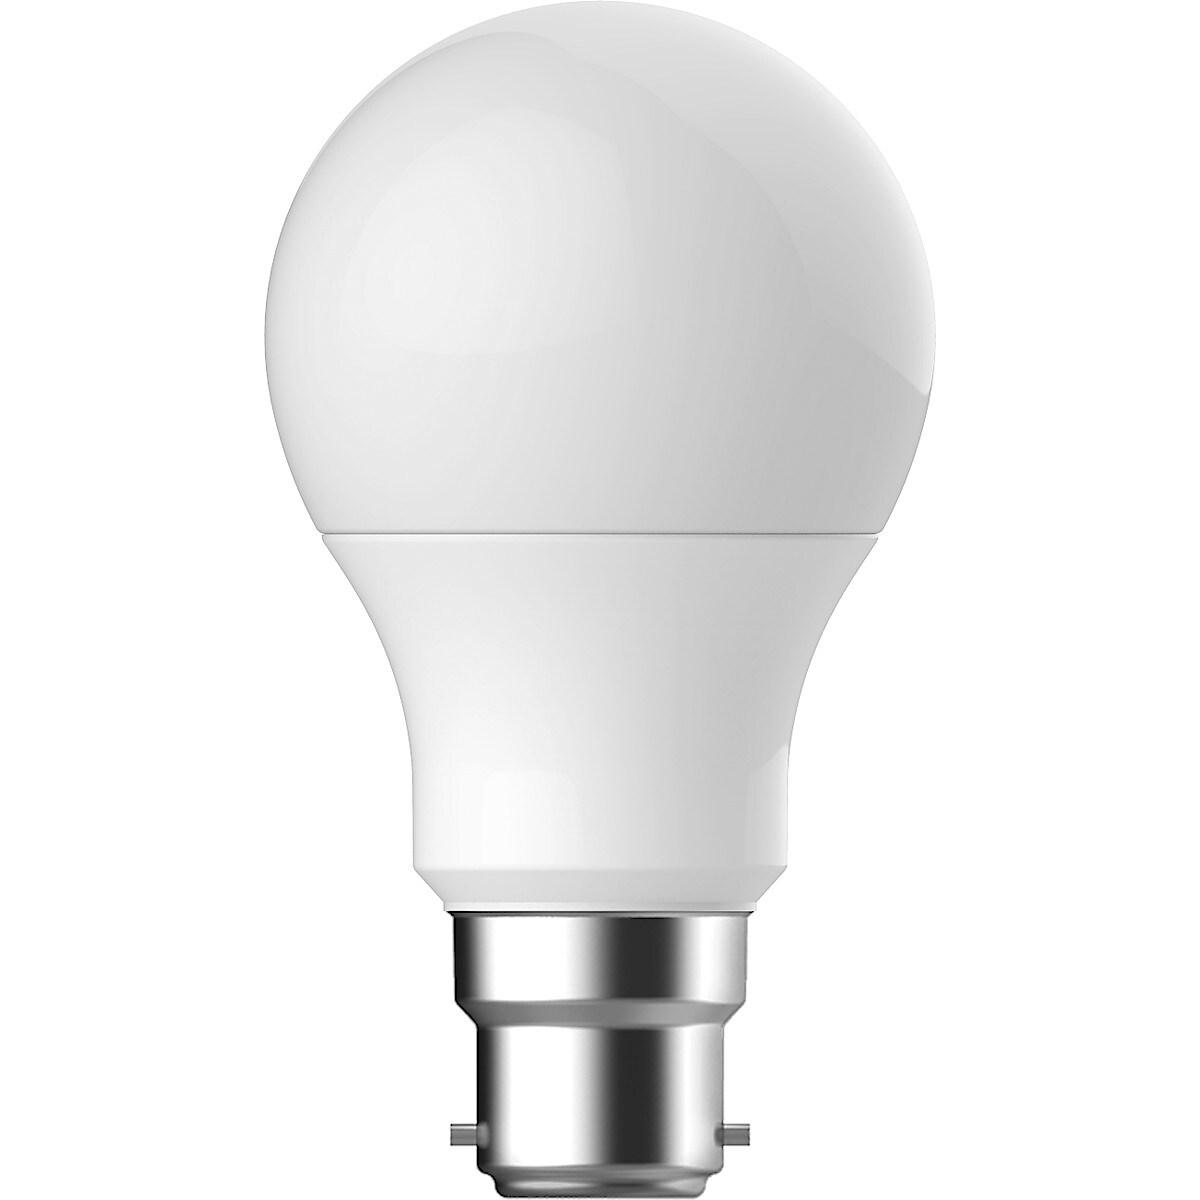 Clas Ohlson B22 LED Standard Bulb